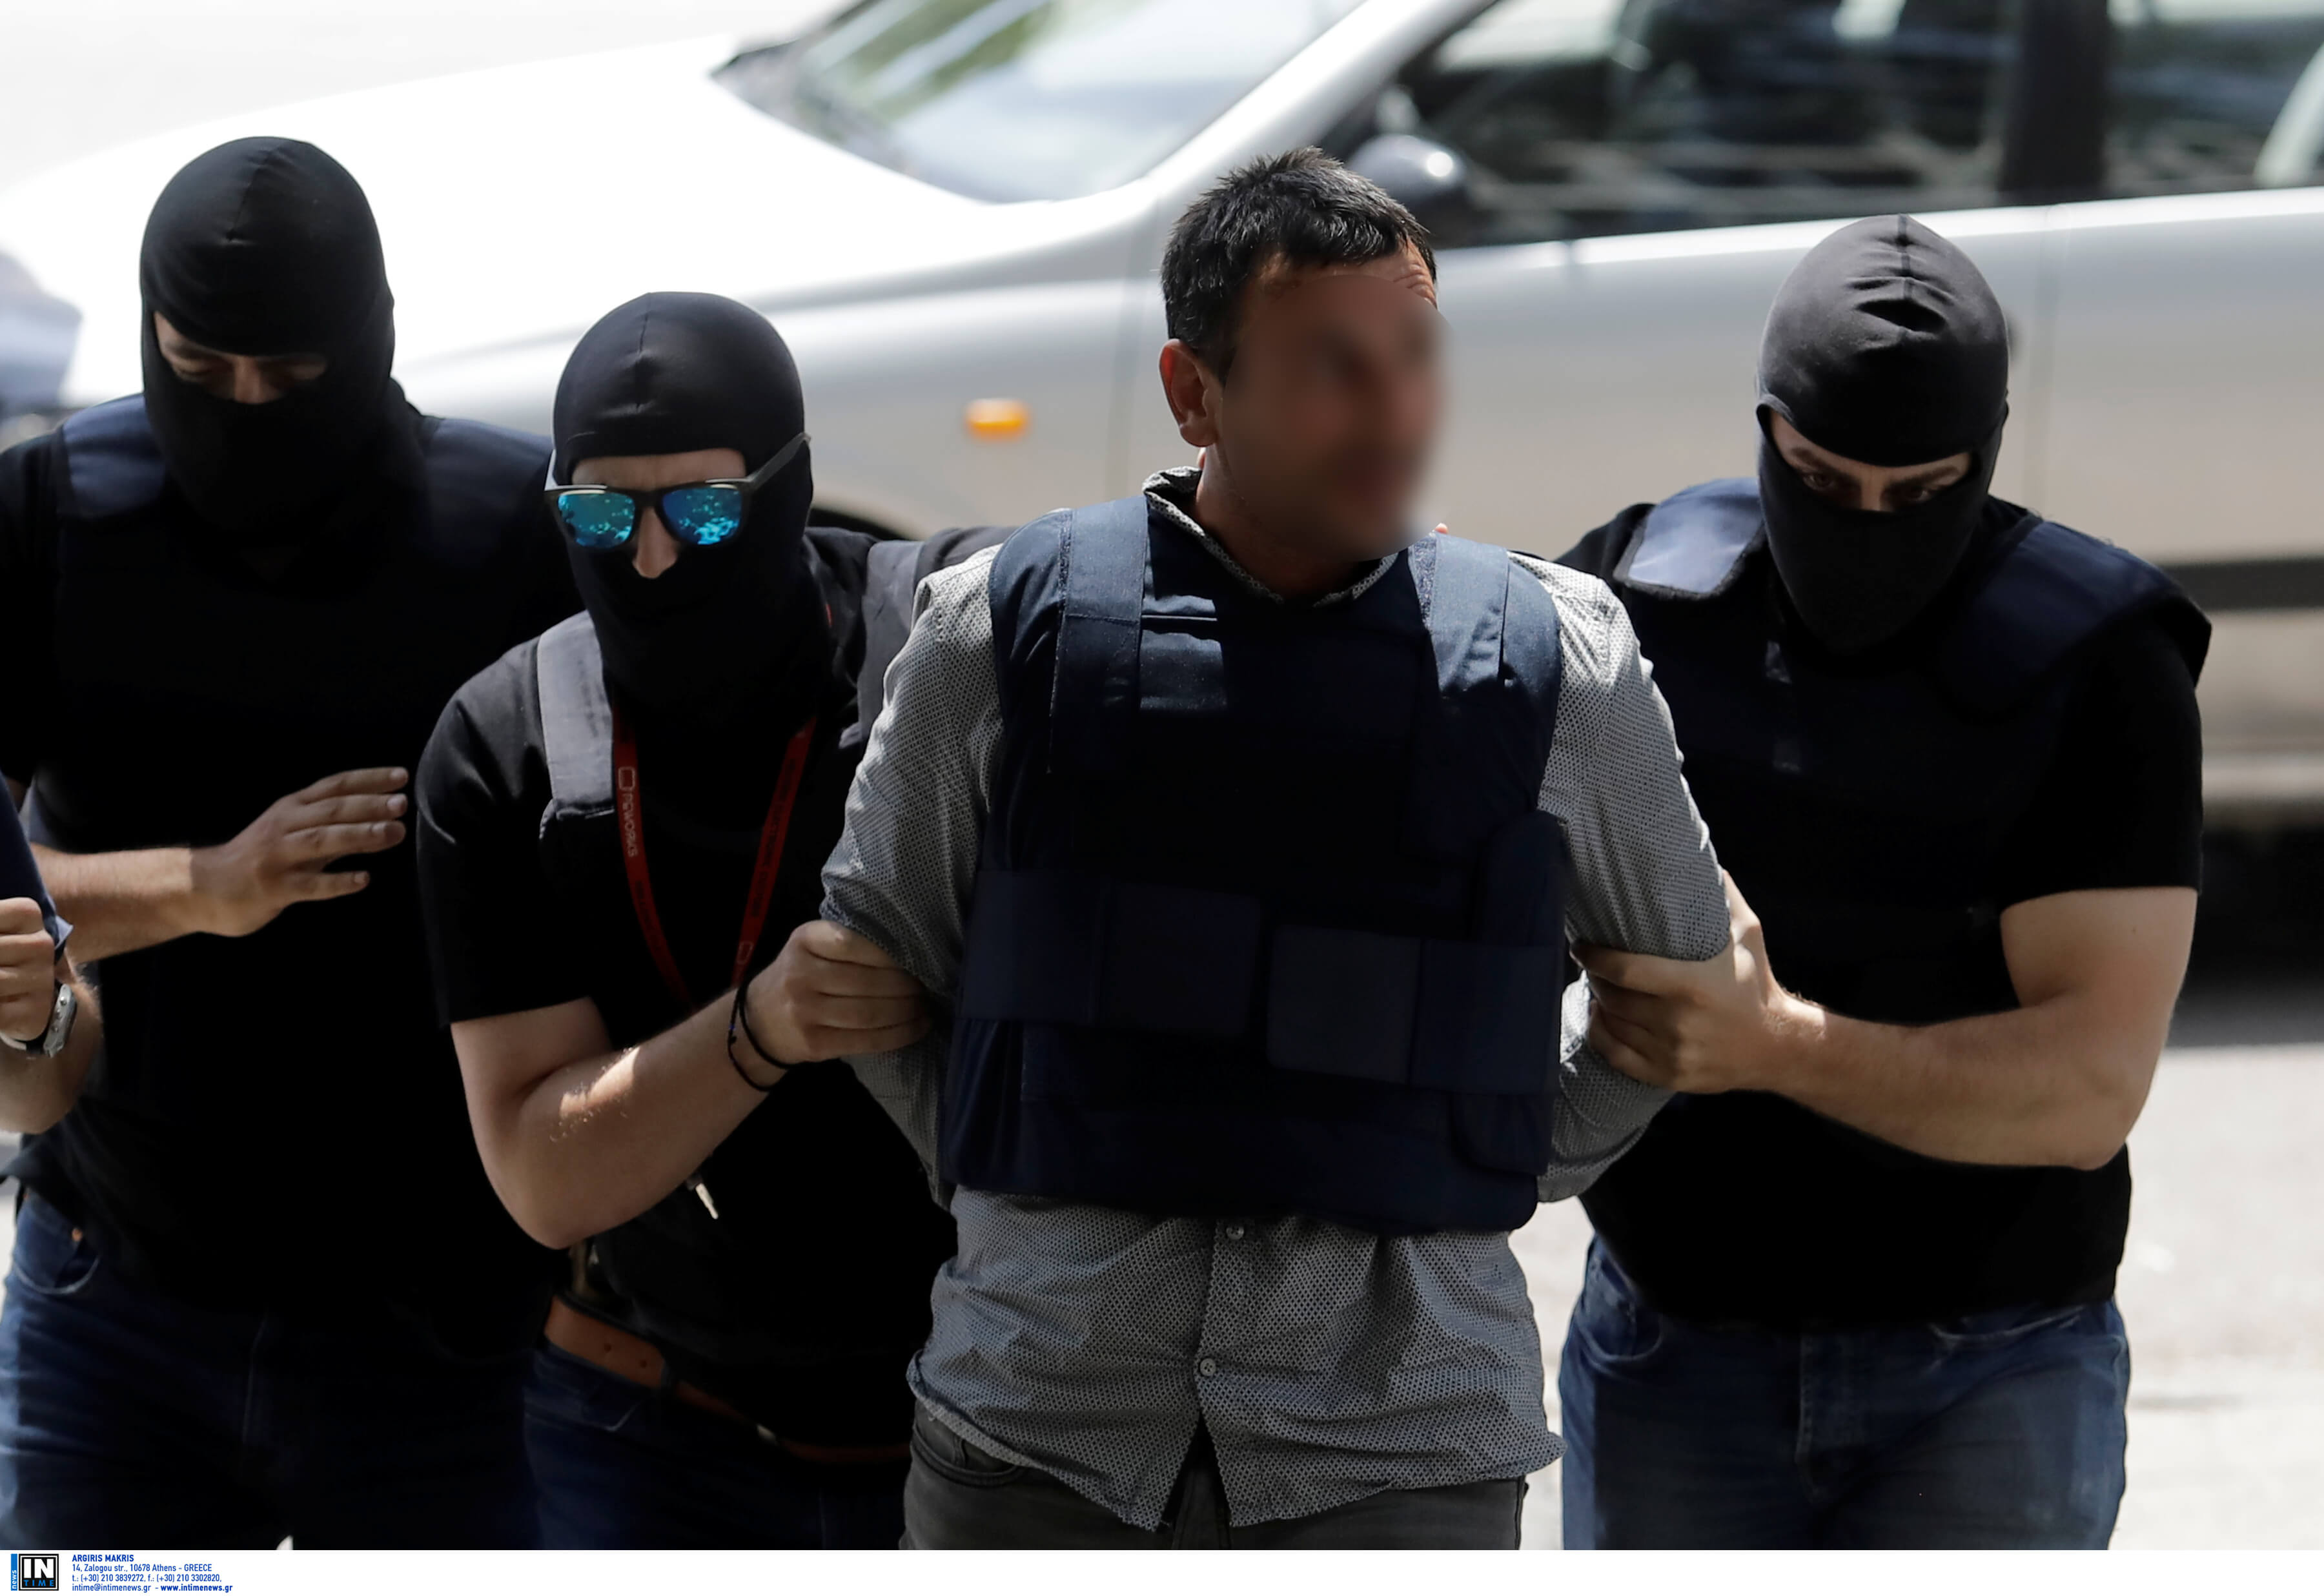 Γεροβασίλη: Η σύλληψη των ληστών του ΑΧΕΠΑ είναι απάντηση στους μύθους περί ανοχής